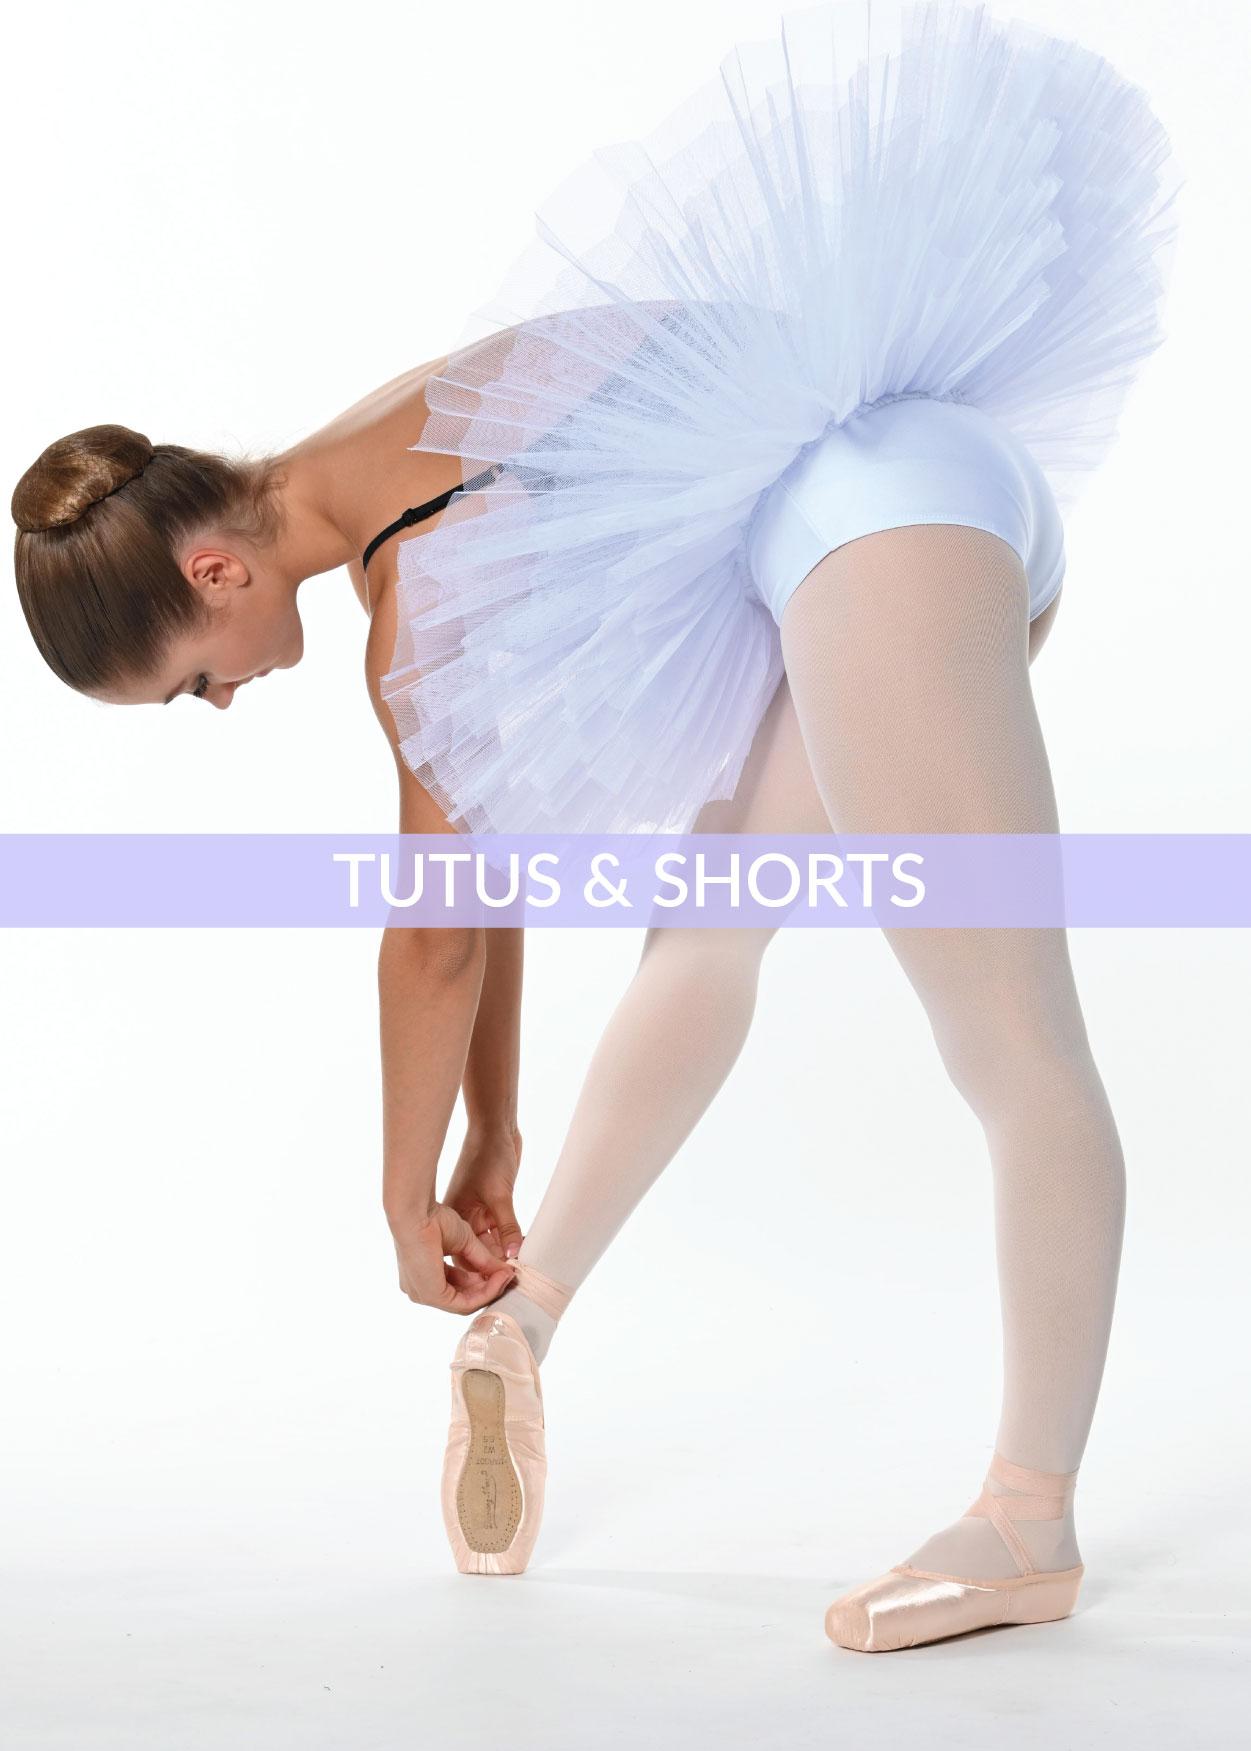 Tutus and Shorts